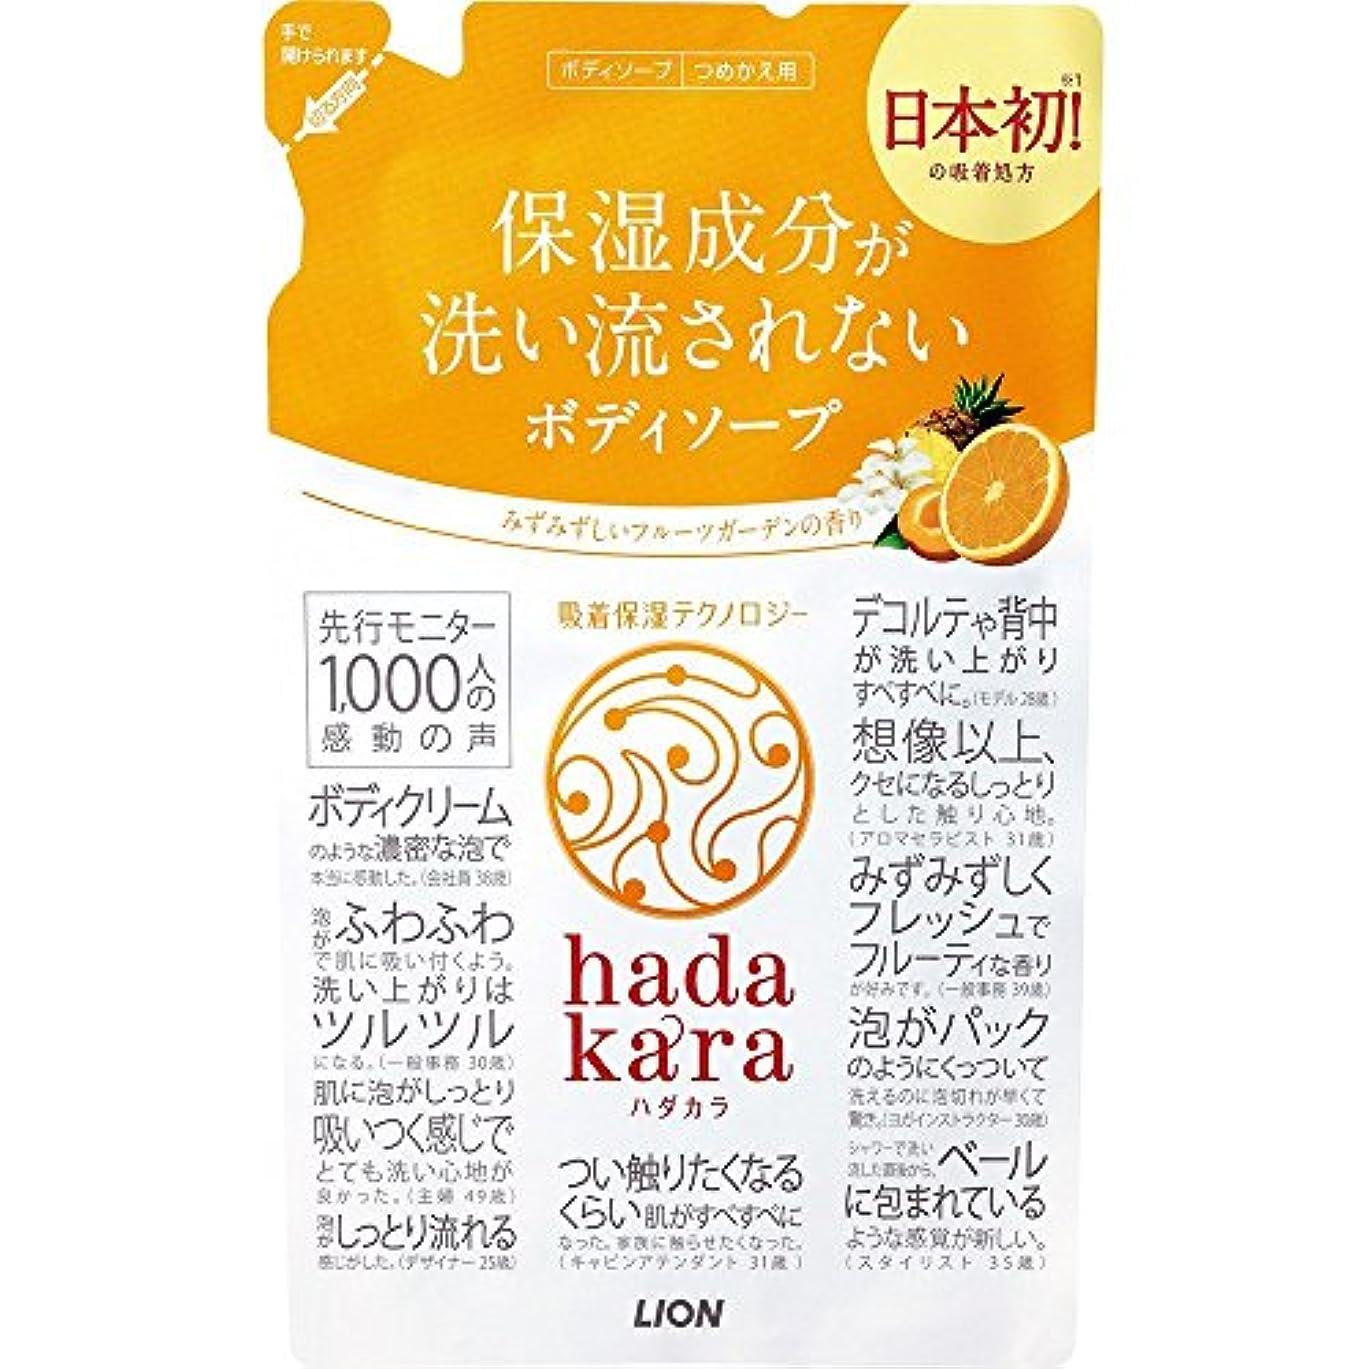 誇張プロット手当hadakara(ハダカラ) ボディソープ フルーツガーデンの香り 詰め替え 360ml